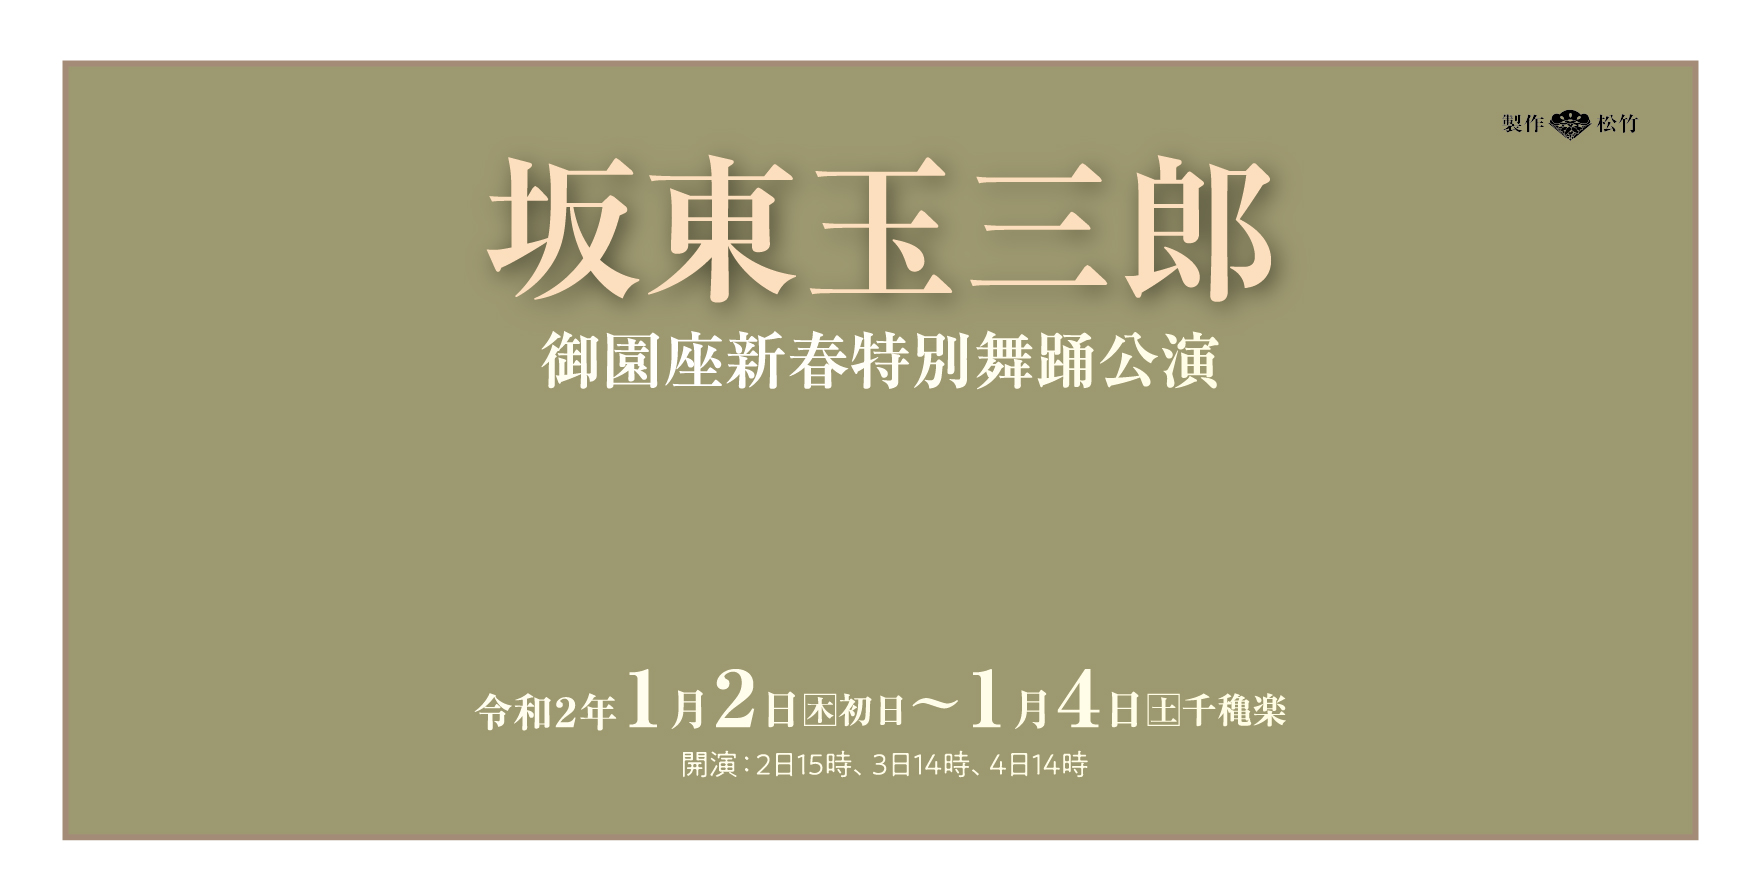 坂東玉三郎 御園座新春特別舞踊公演